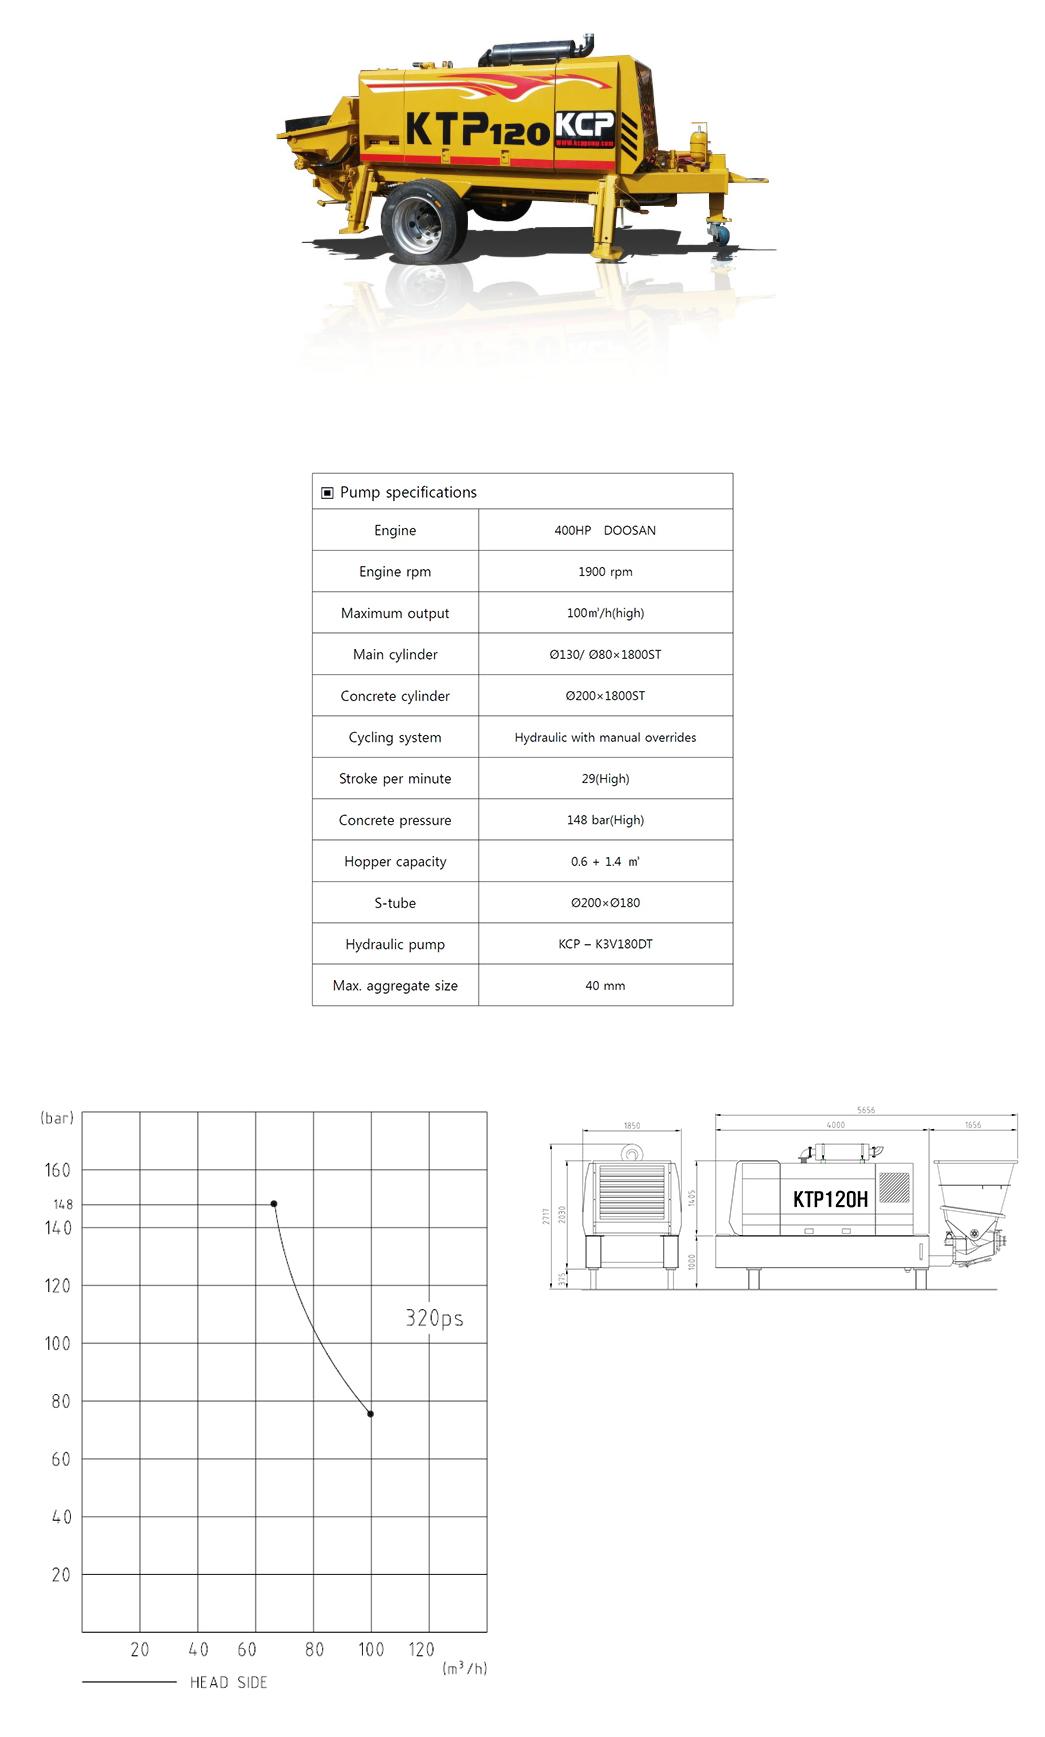 KCP CONCRETE PUMPS Stationary Pump KTP120H